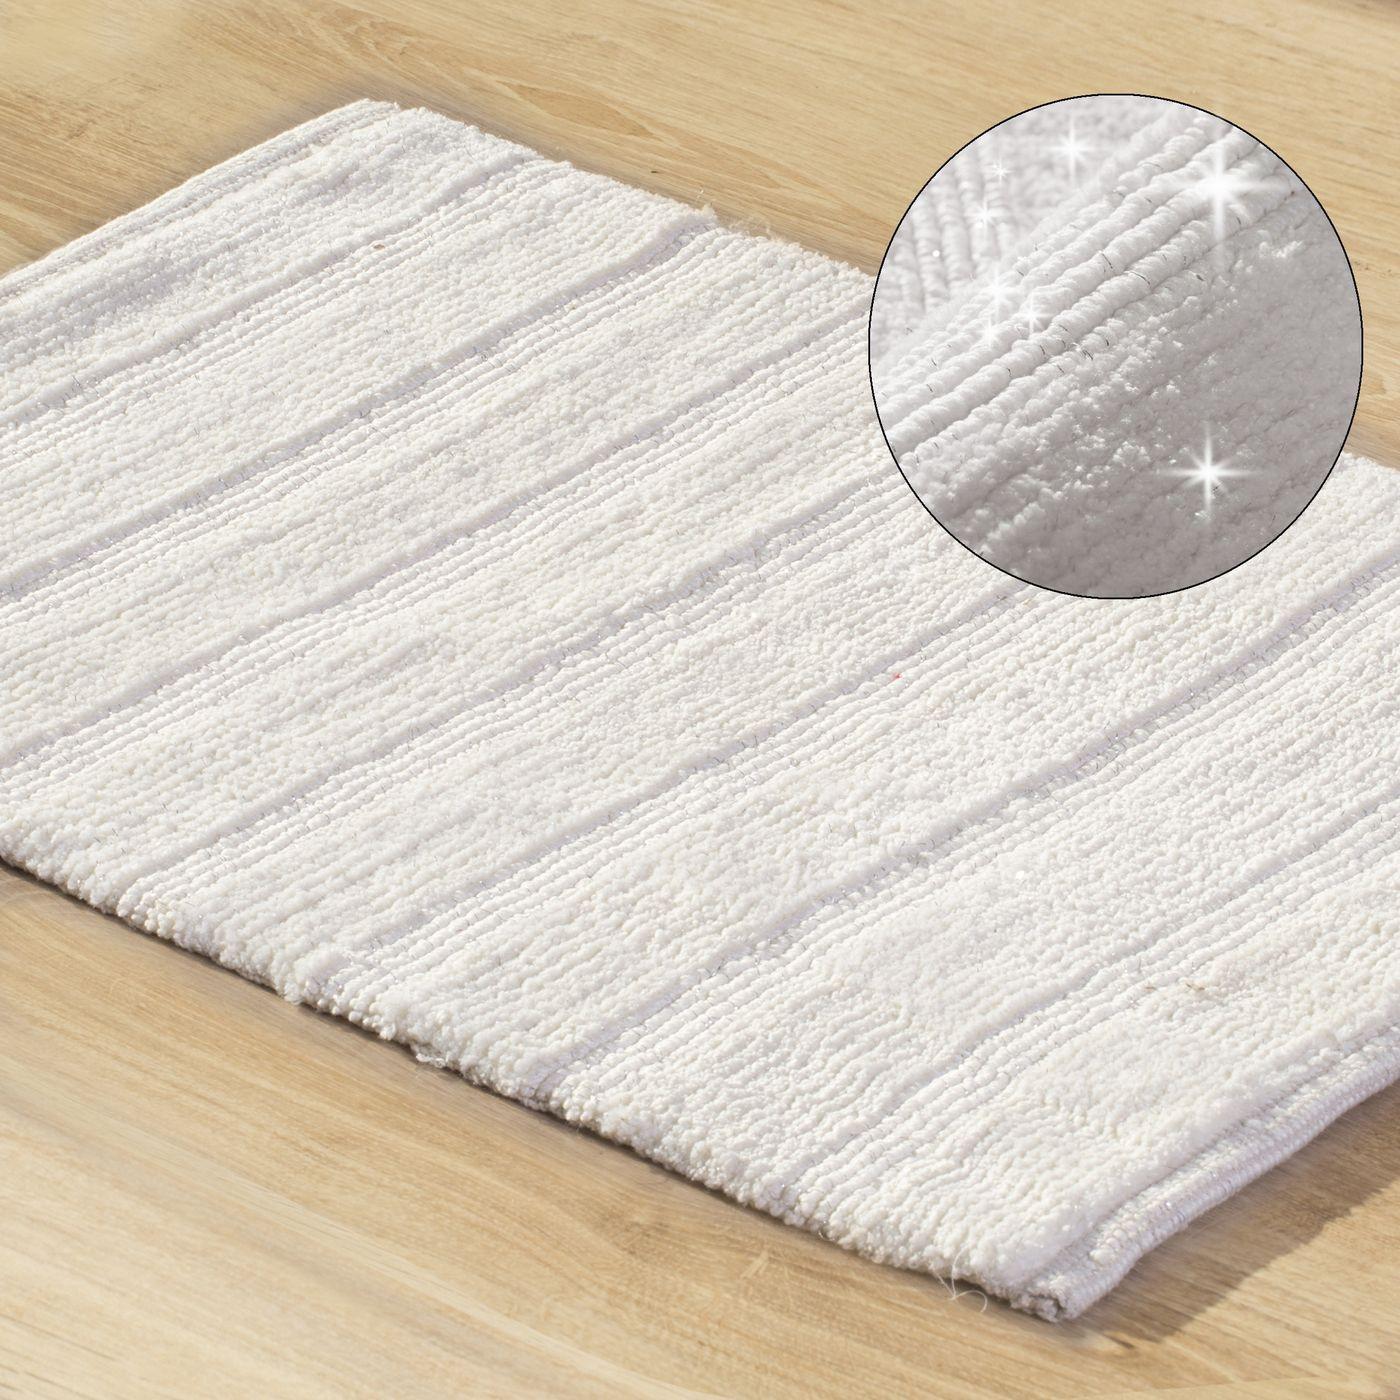 Łazienkowy dywanik w paski splot pętelkowy krem 50x70 cm